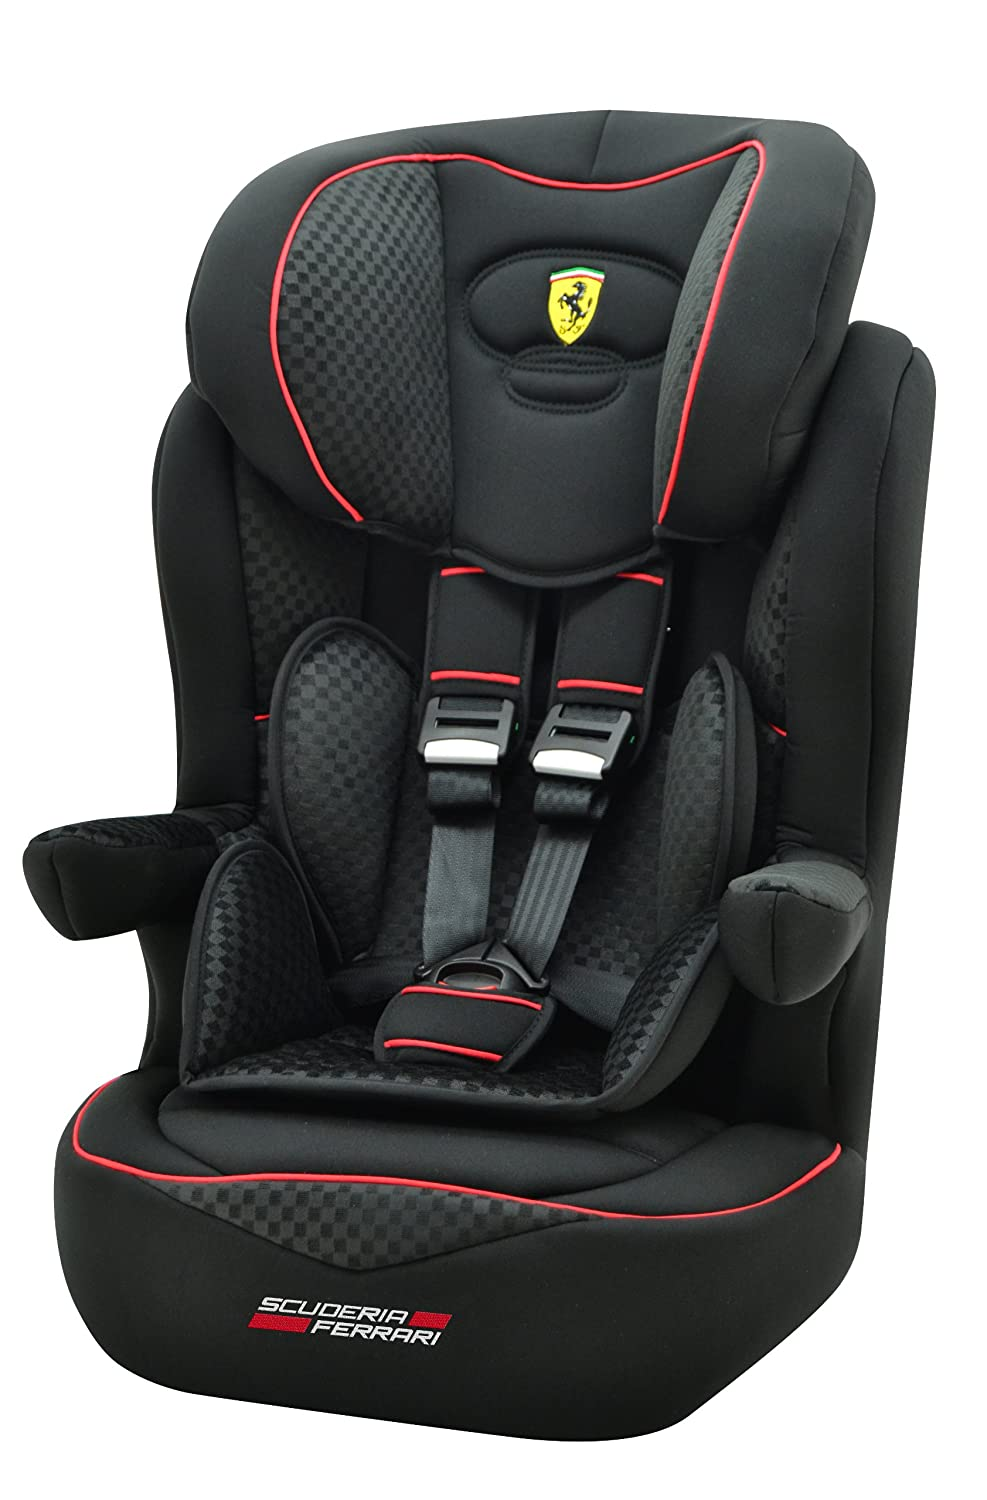 Ferrari 102-124-156 - Seggiolino auto i-max SP Isofix, Gran Tourismo, gruppo 1/2/3, 9-36 kg, certificazione ECE, colore: Nero 3507469660549